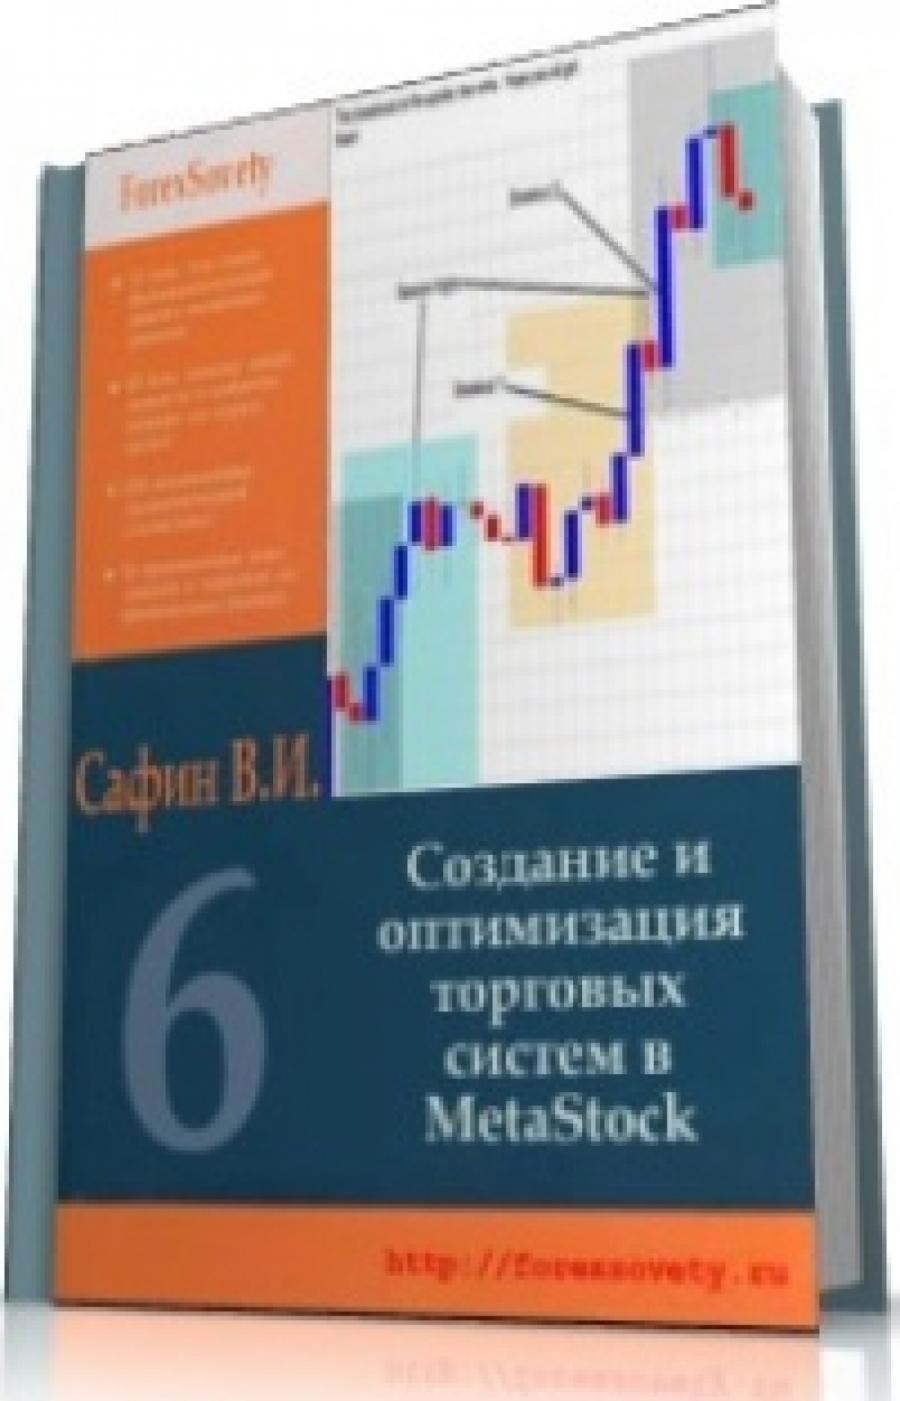 Cафин В.И. - Создание и оптимизация торговых сетей в Metastock